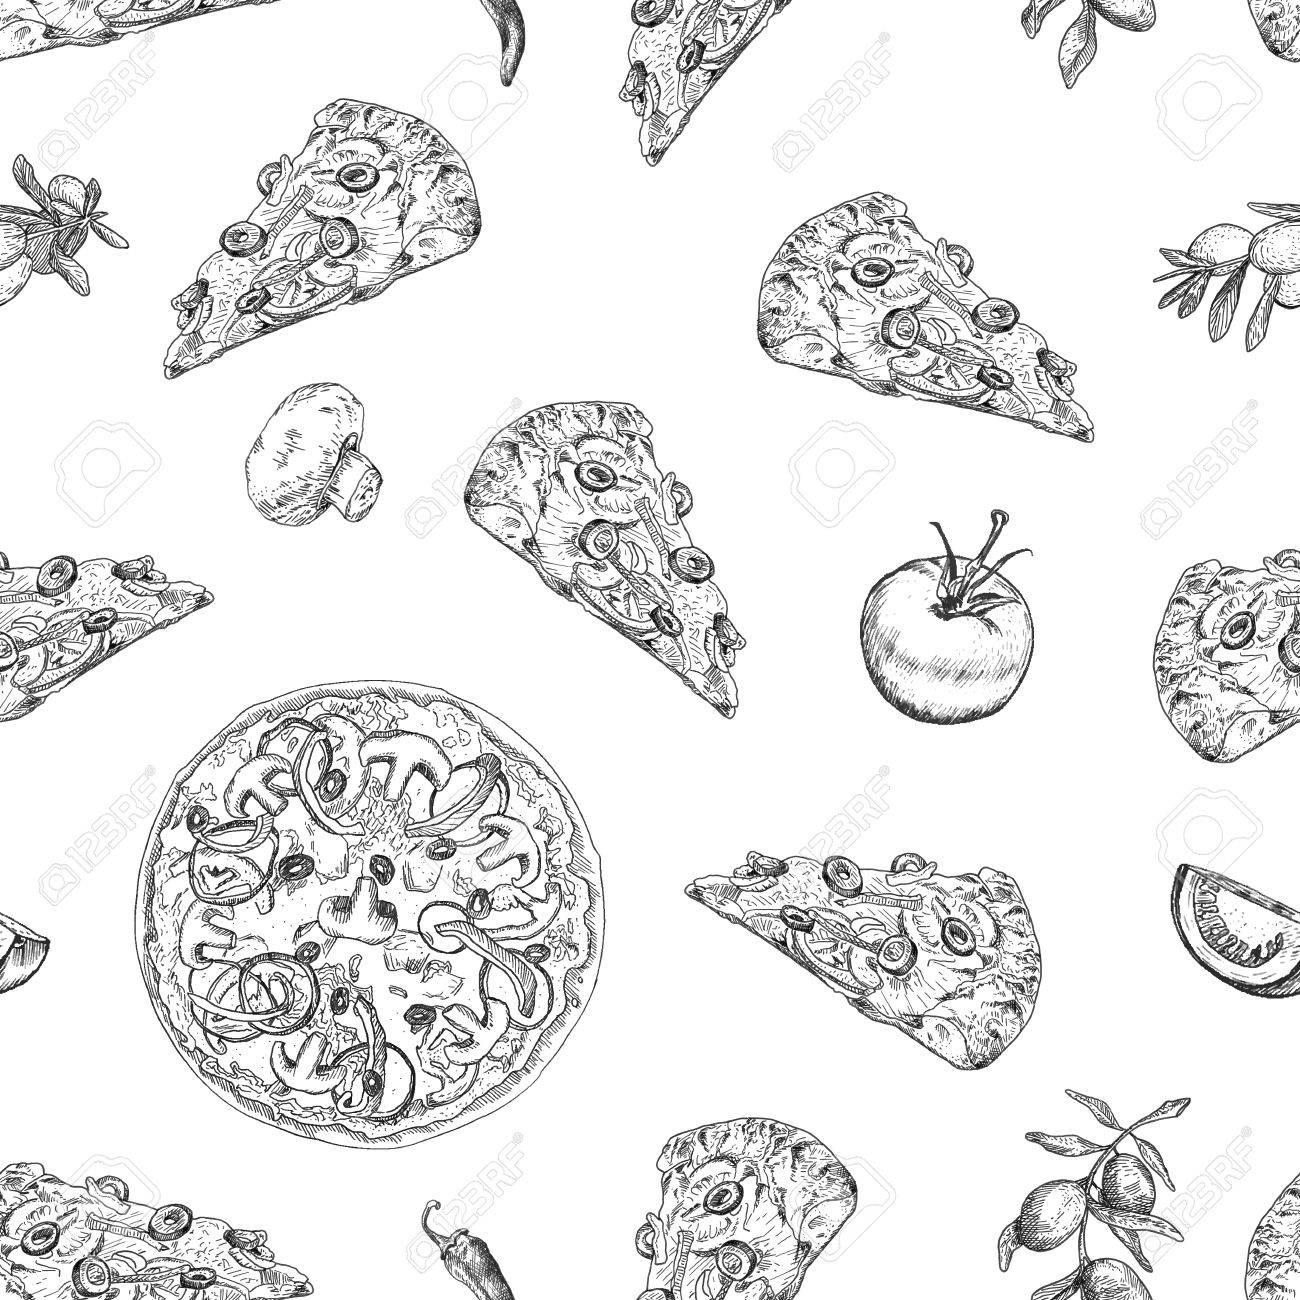 Vettoriale Modello Di Pizza Senza Soluzione Di Continuita Con I Rami Di Ulivo Pomodoro Fetta Di Pizza Peperoni Funghi Puo Essere Utilizzato Per Carta Da Parati Tessuti Pacchetto Carta Da Imballaggio